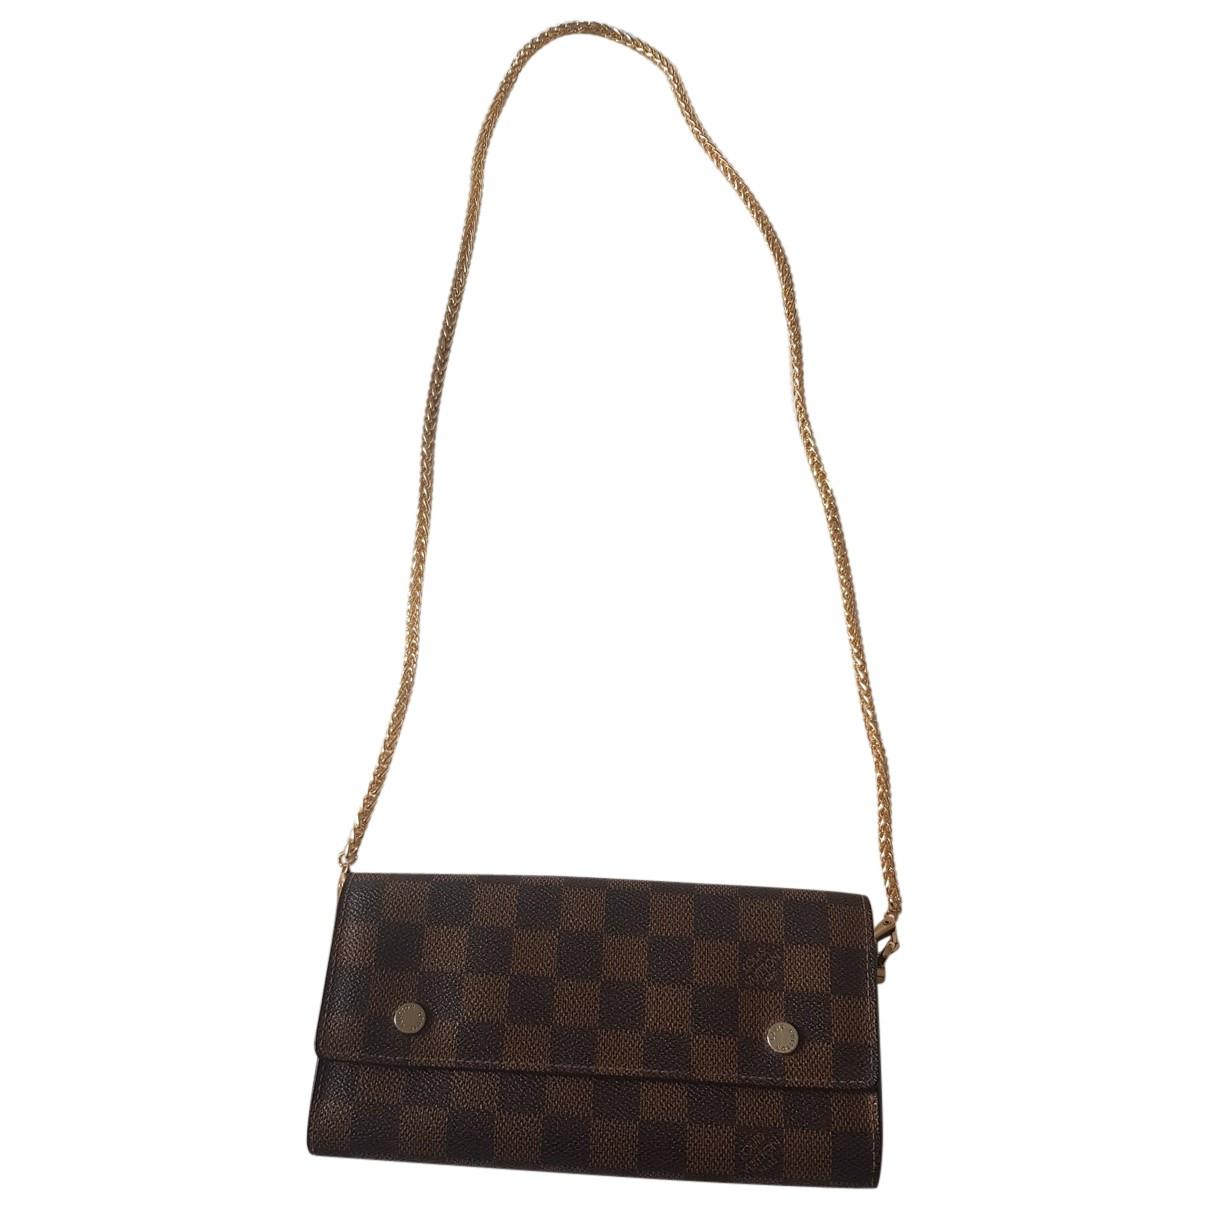 Louis Vuitton Favorite Handtasche in  Braun Leder